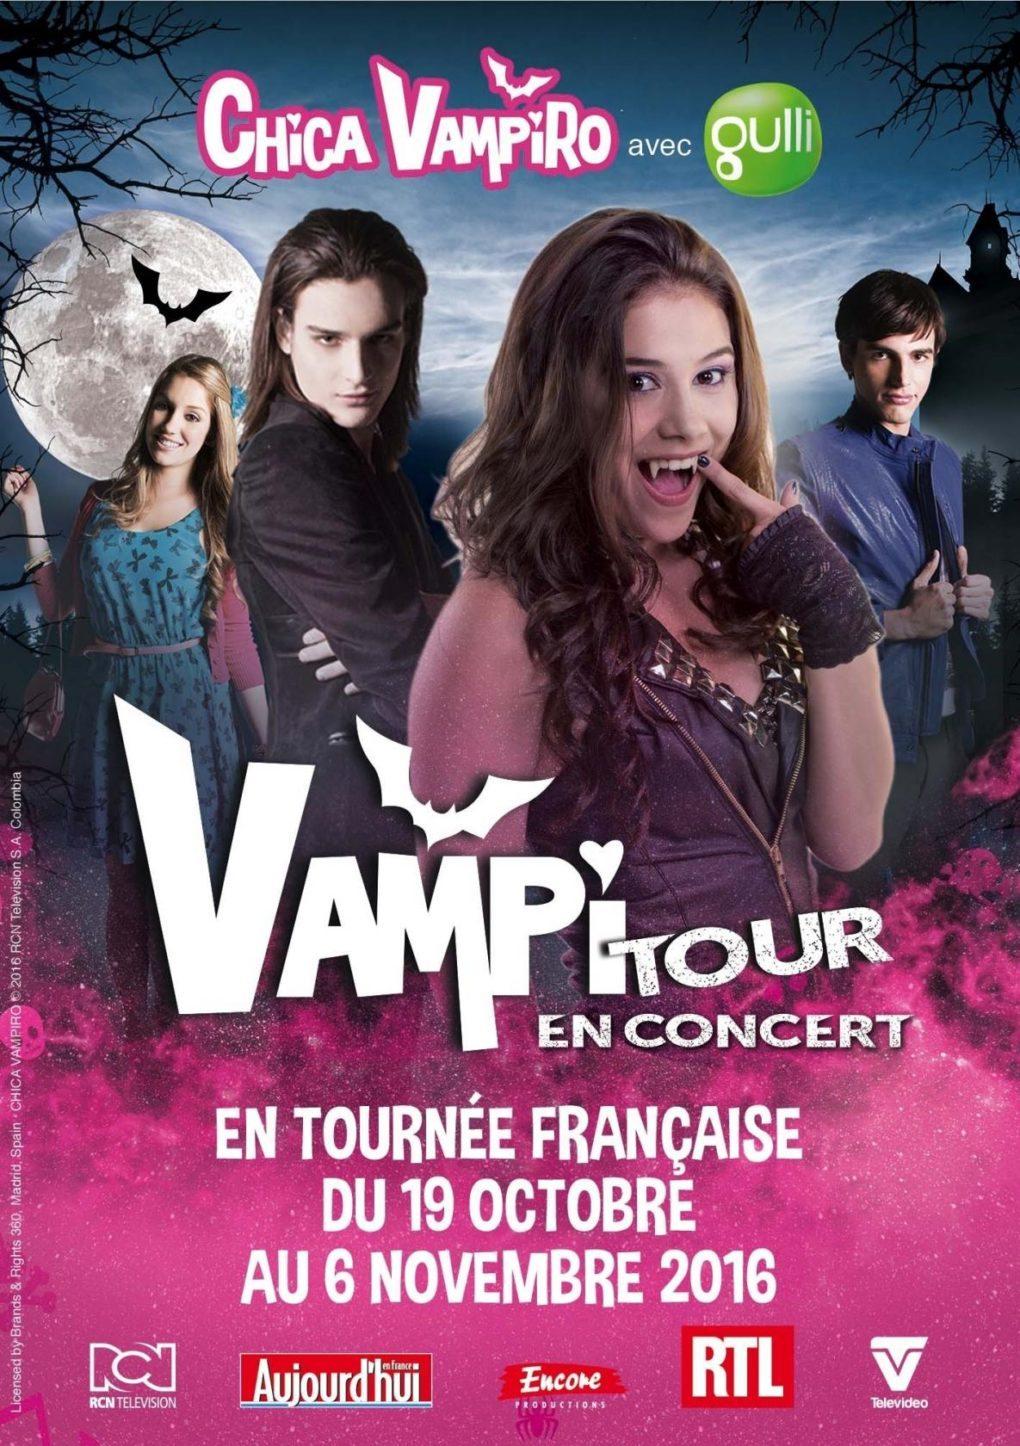 Chica Vampiro Nantes